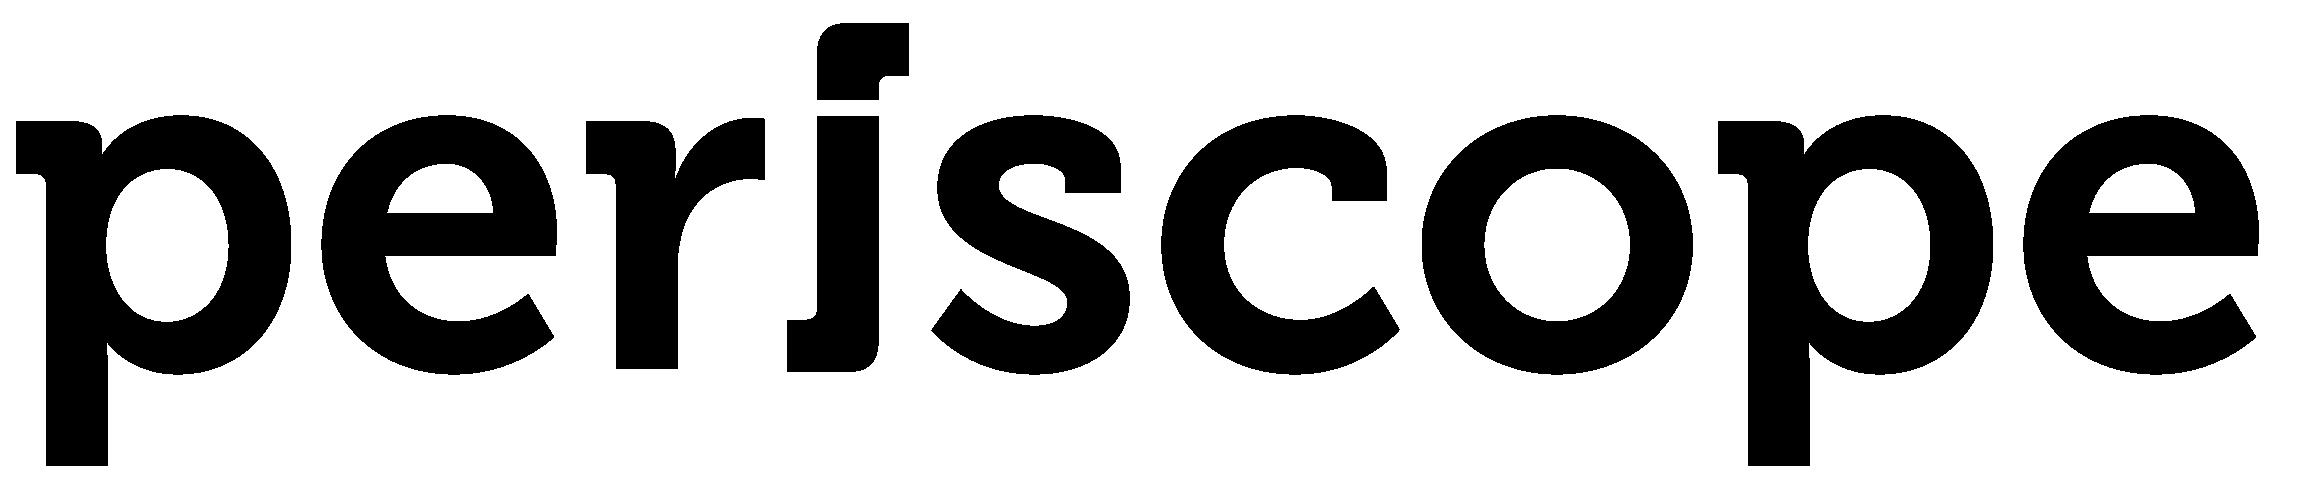 Periscope